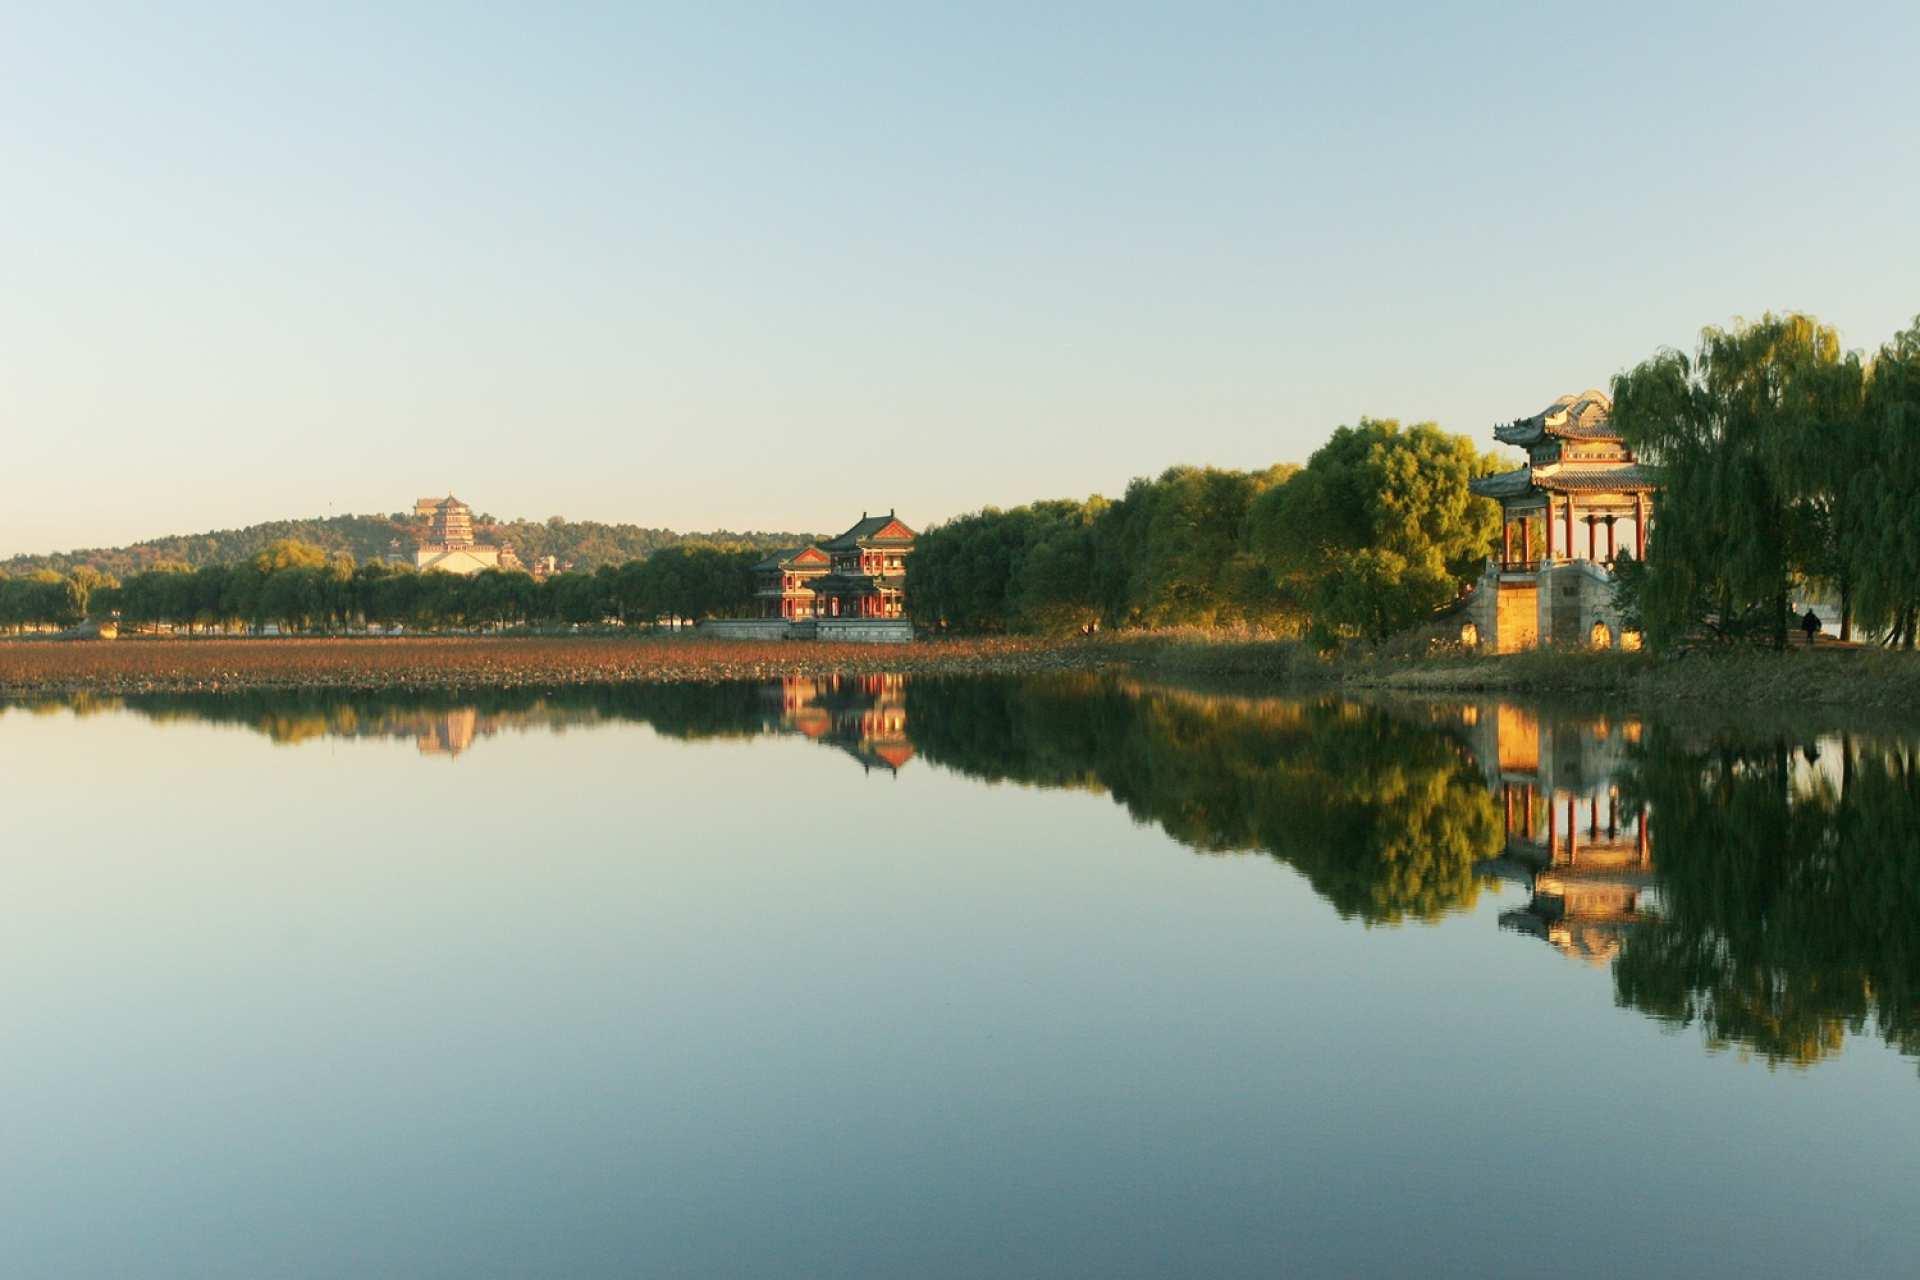 【中國北京景點】中國北京皇家林園 - 頤和園入園門票